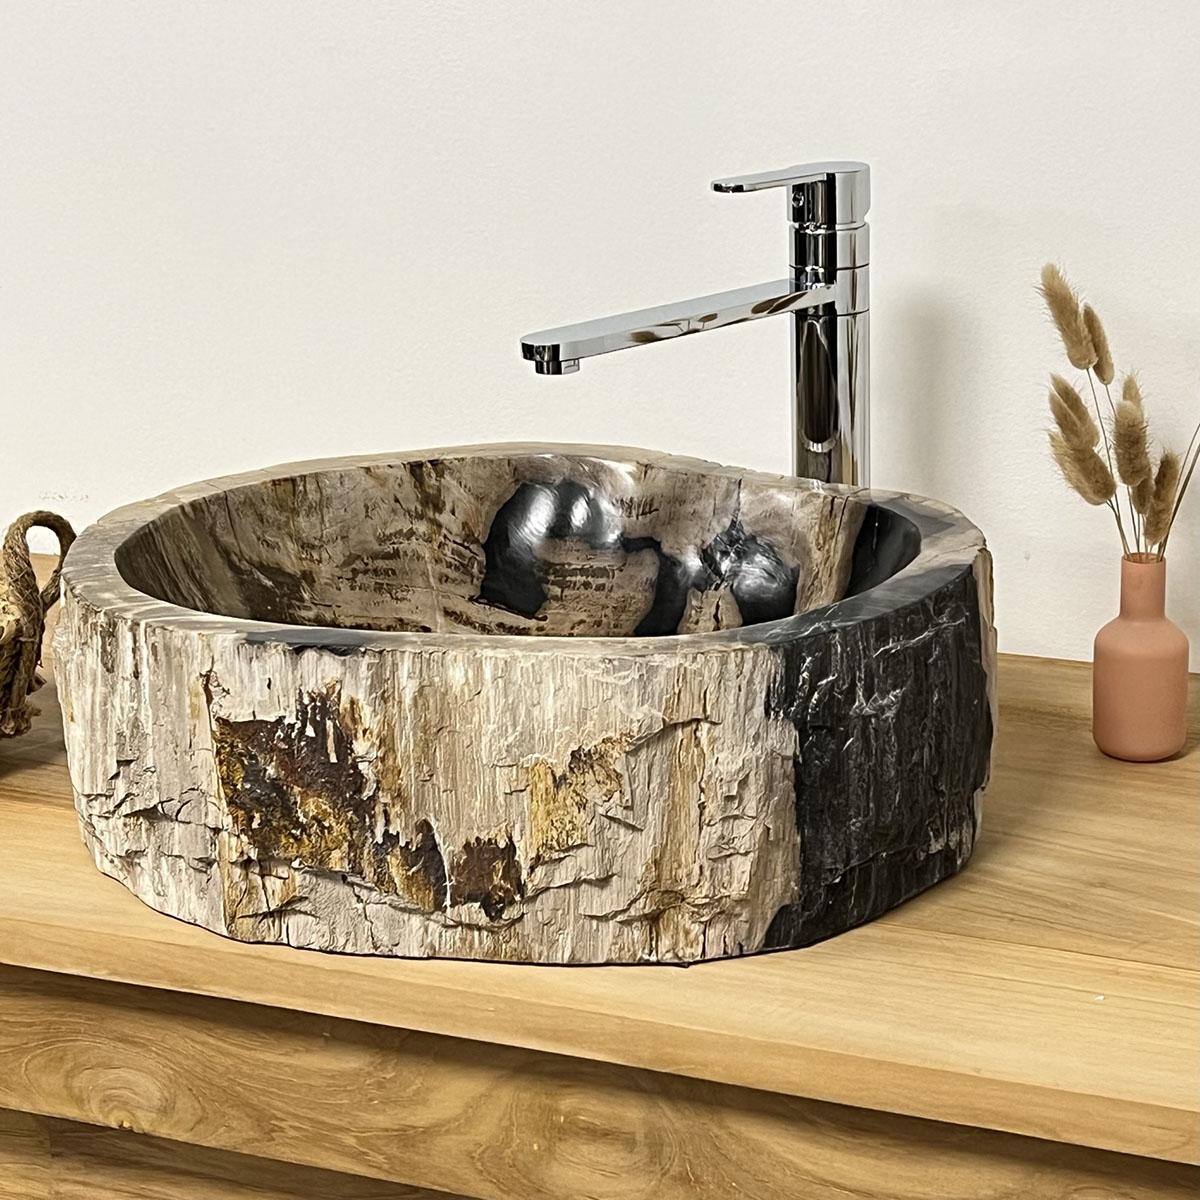 Vasque de salle de bain en bois p trifi 40 cm - Vasque salle de bain bois ...